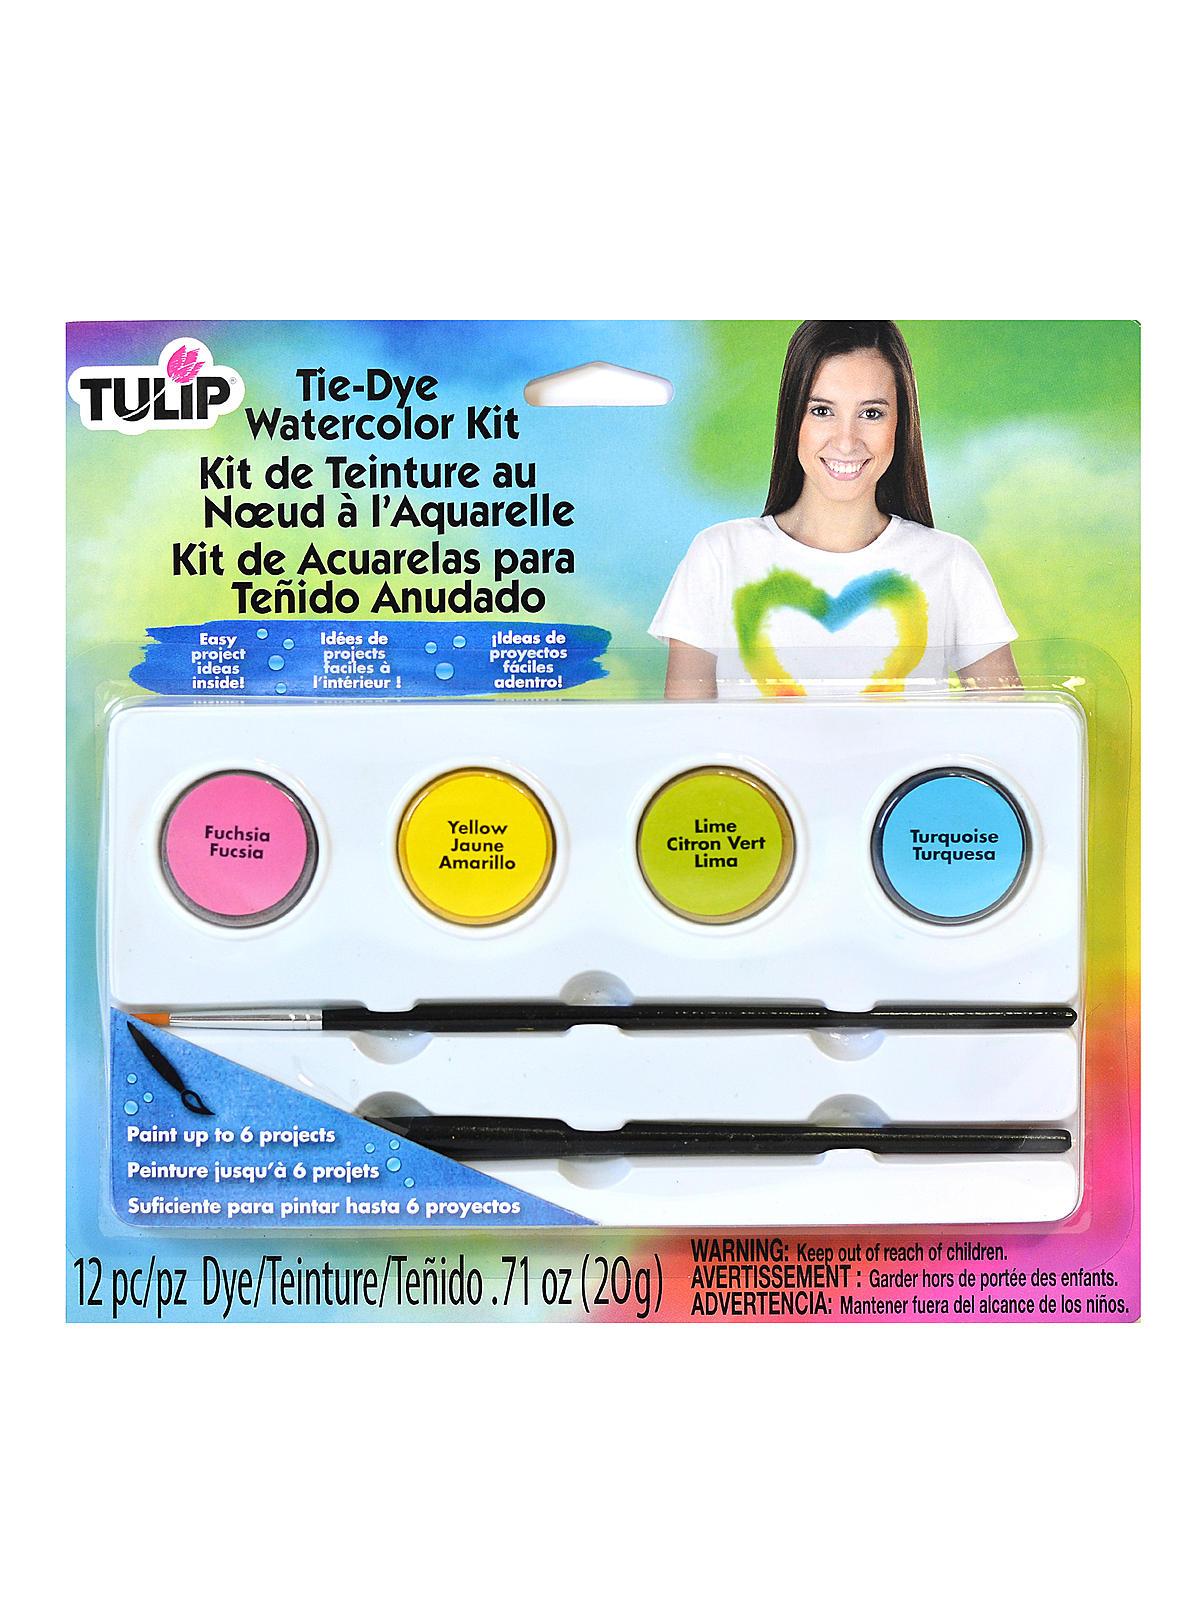 One-Step Watercolor Dye Kits